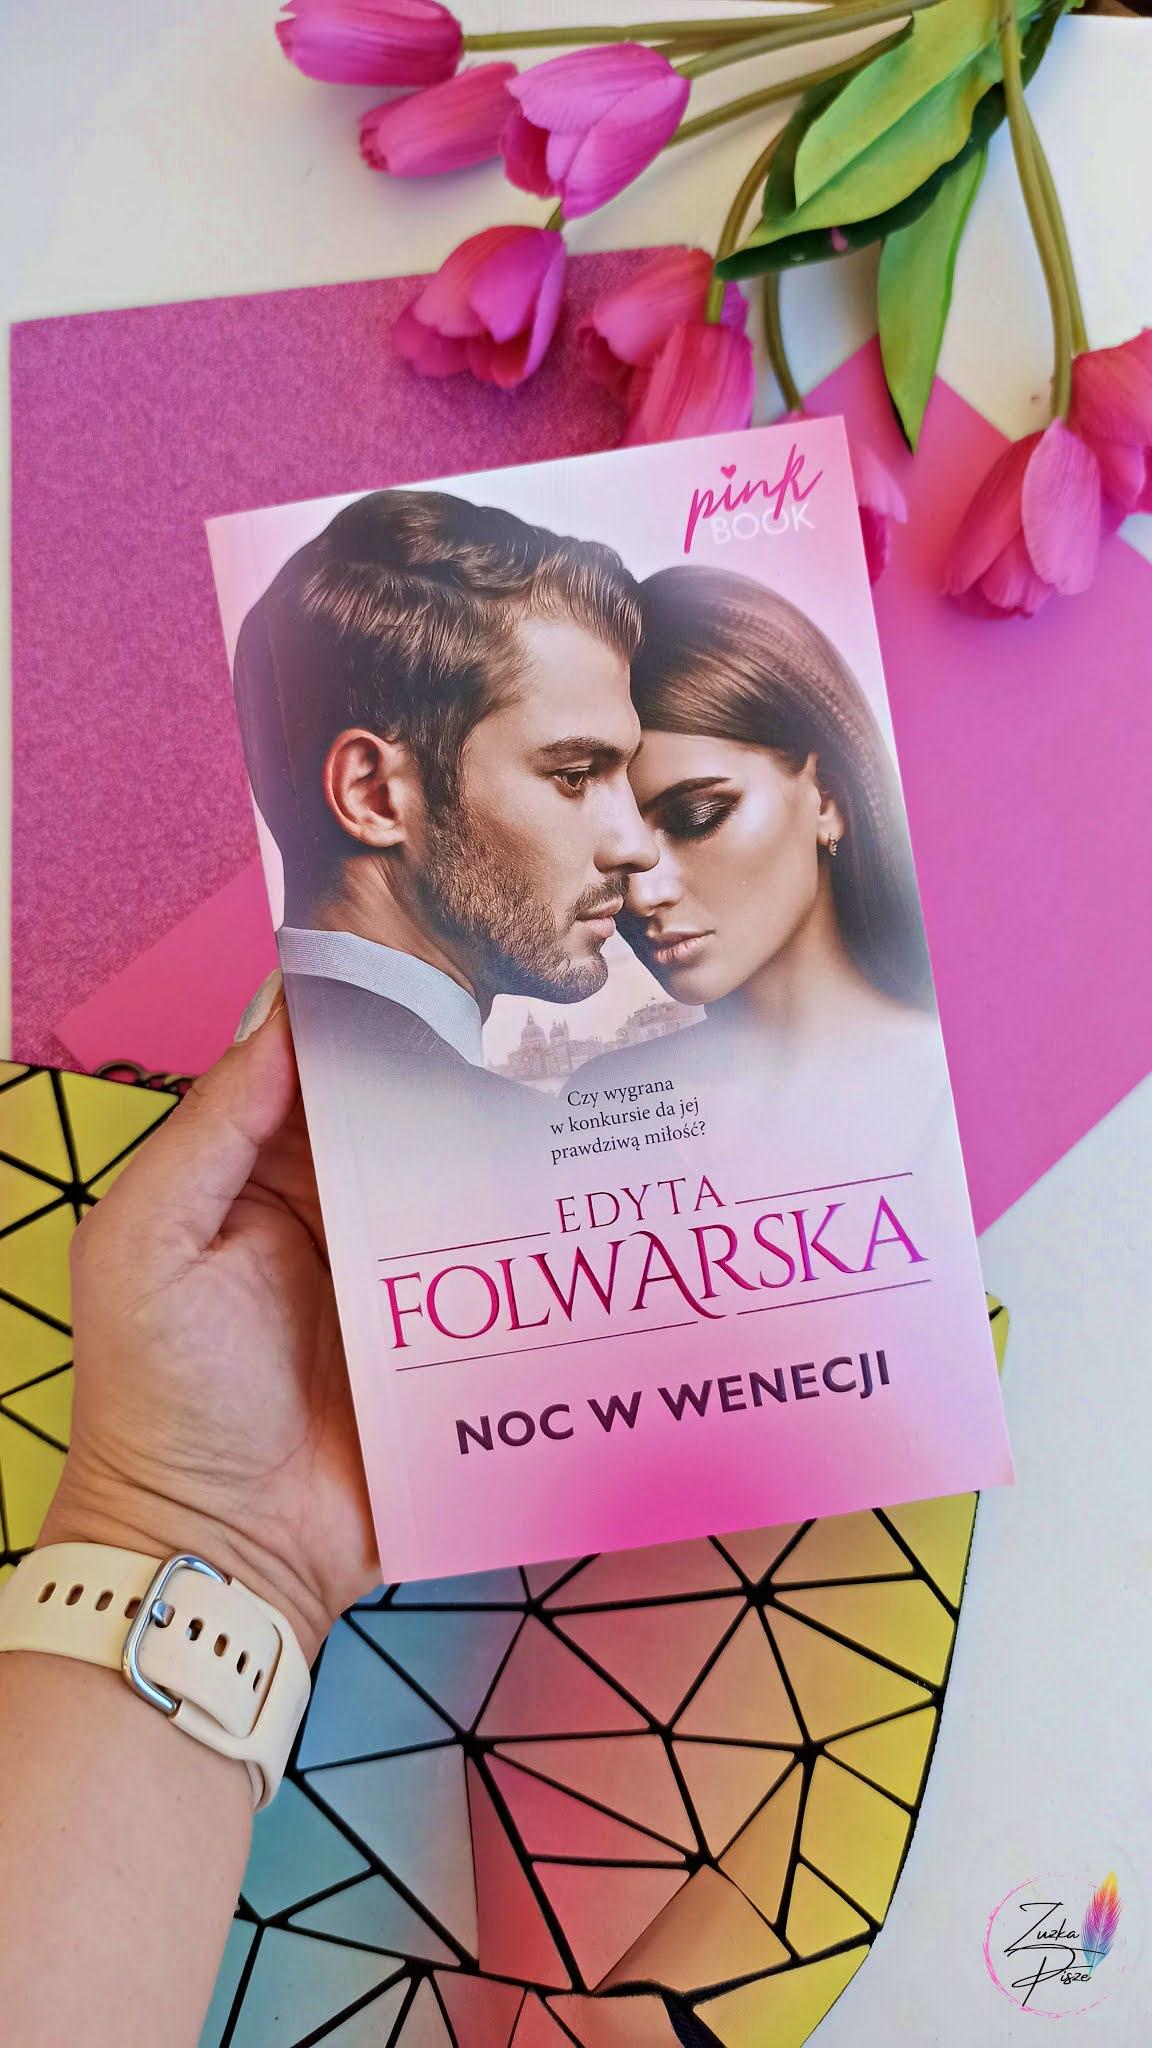 """Edyta Folwarska """"Noc w Wenecji"""" - PINK BOOK - recenzja"""